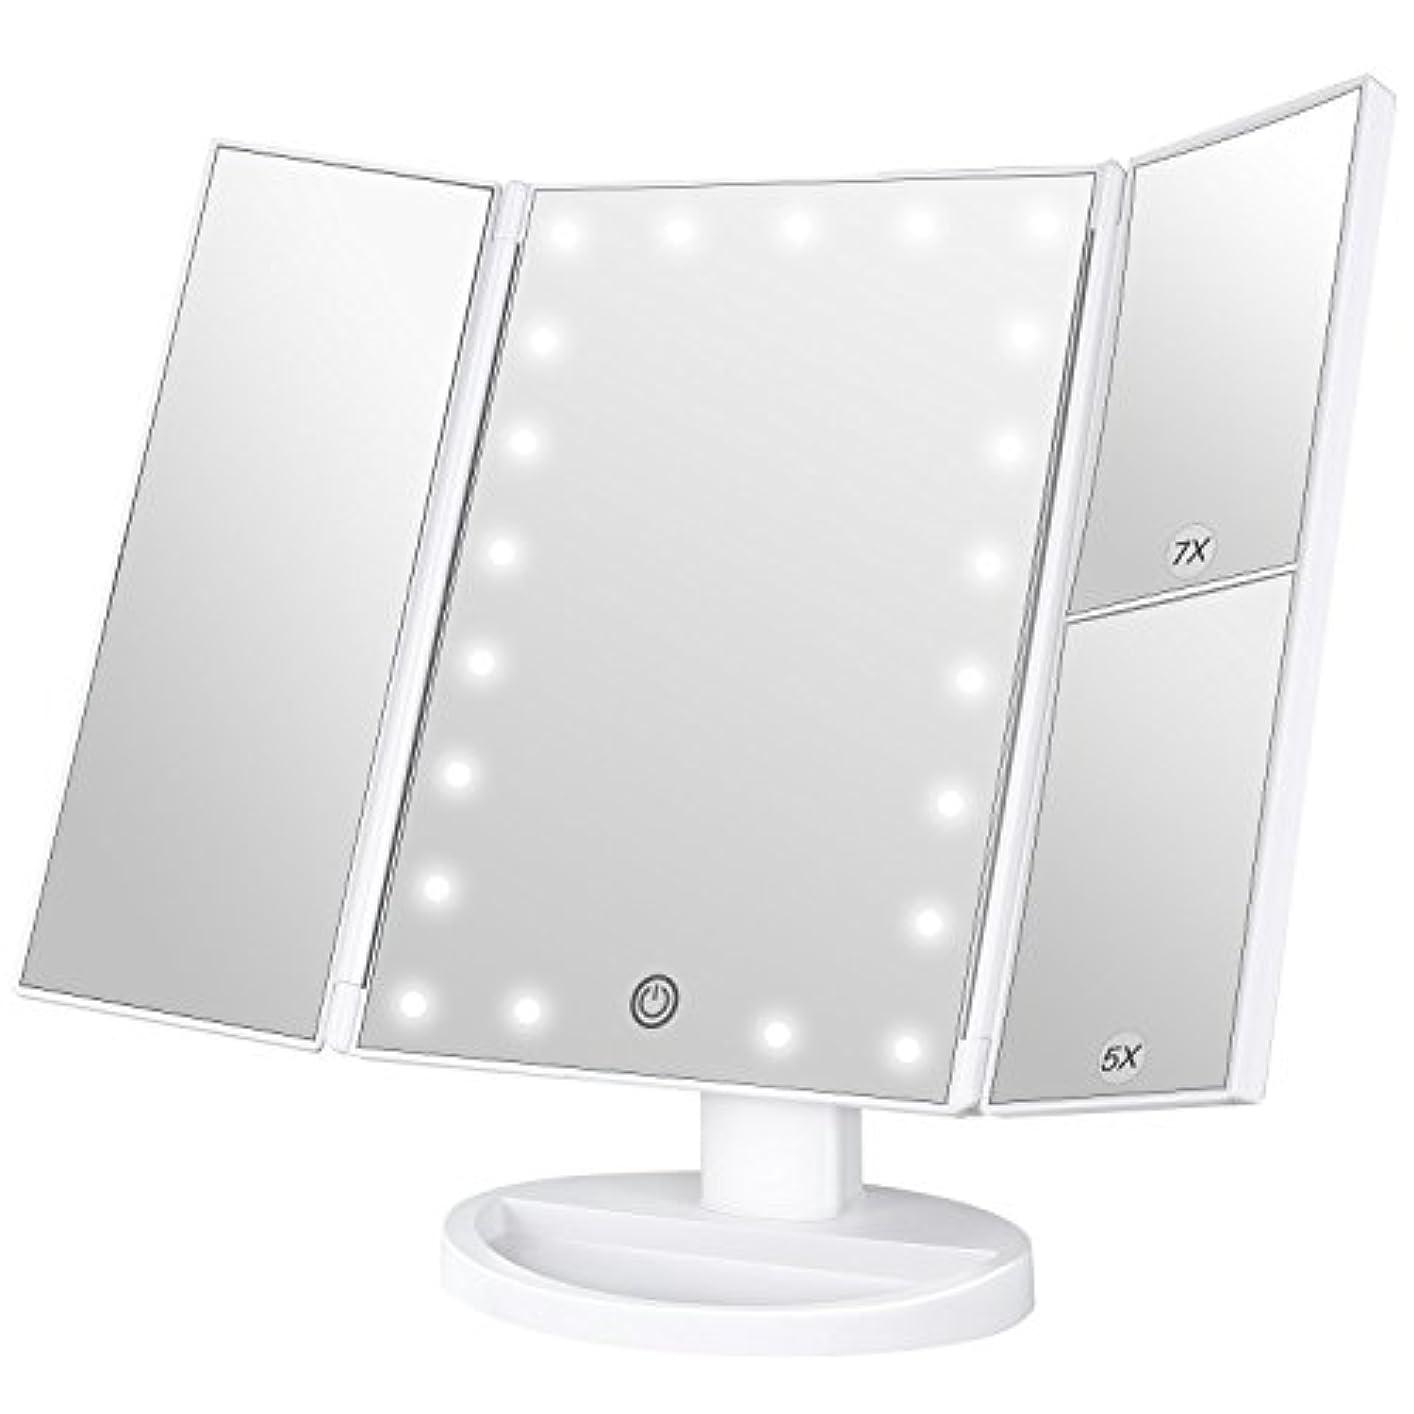 マニアックるファントムBESTOPE 化粧鏡 卓上ミラー 鏡 三面鏡 卓上 led付き 折りたたみ 拡大鏡 5倍 7倍 明るさ調節可能 180°回転 電池&USB 2WAY給電 (ホワイト)